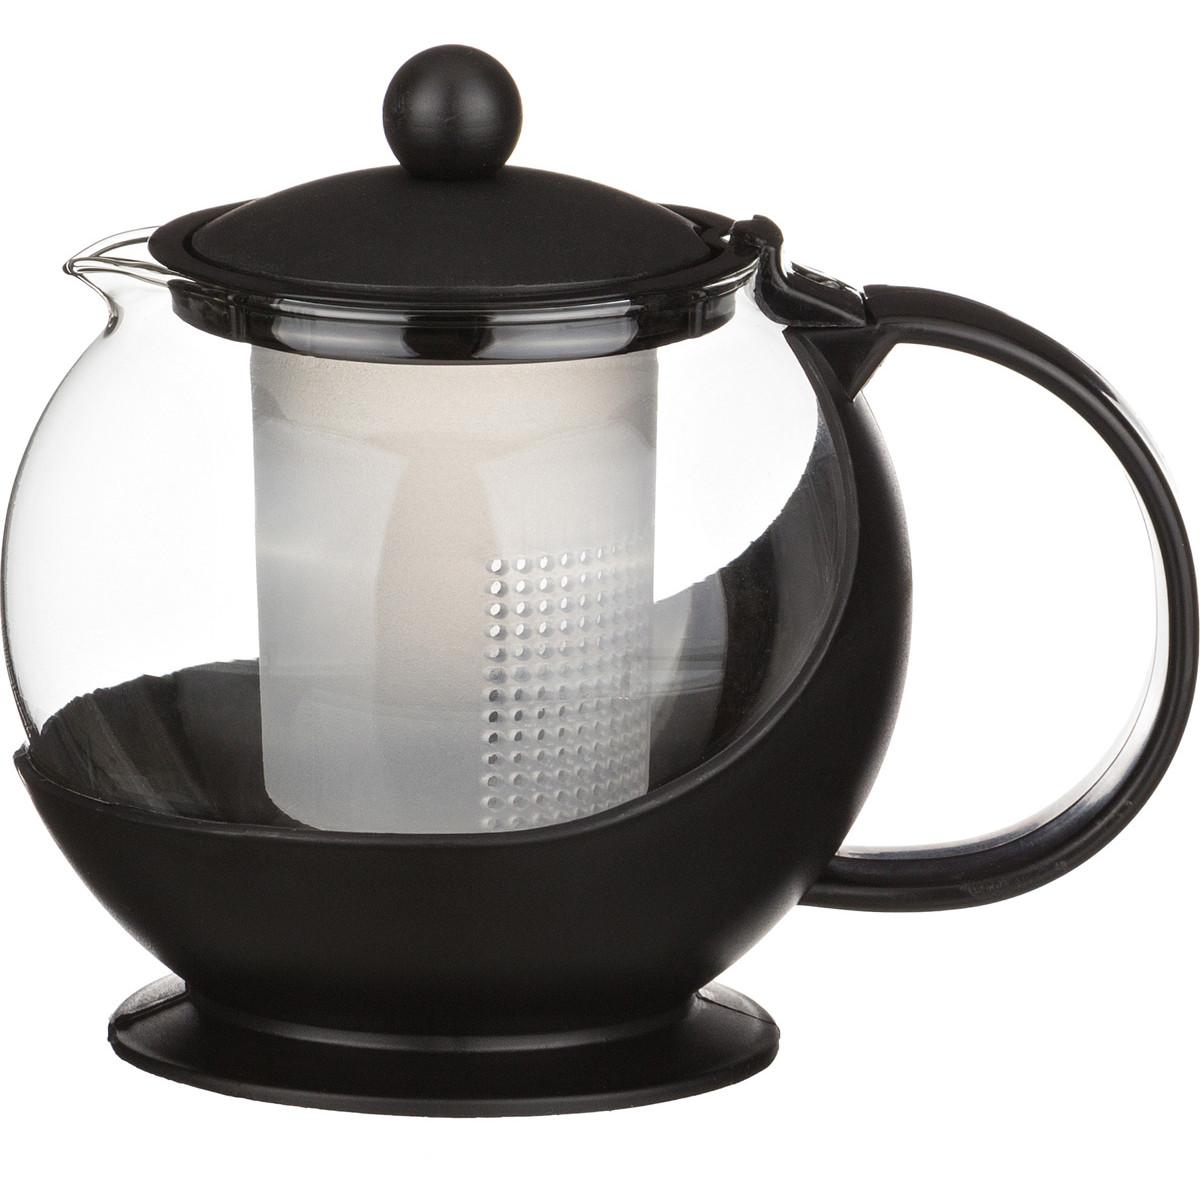 {} Agness Сервиз Natalee  (1250 мл) чайник 1250 мл цв уп 1140366